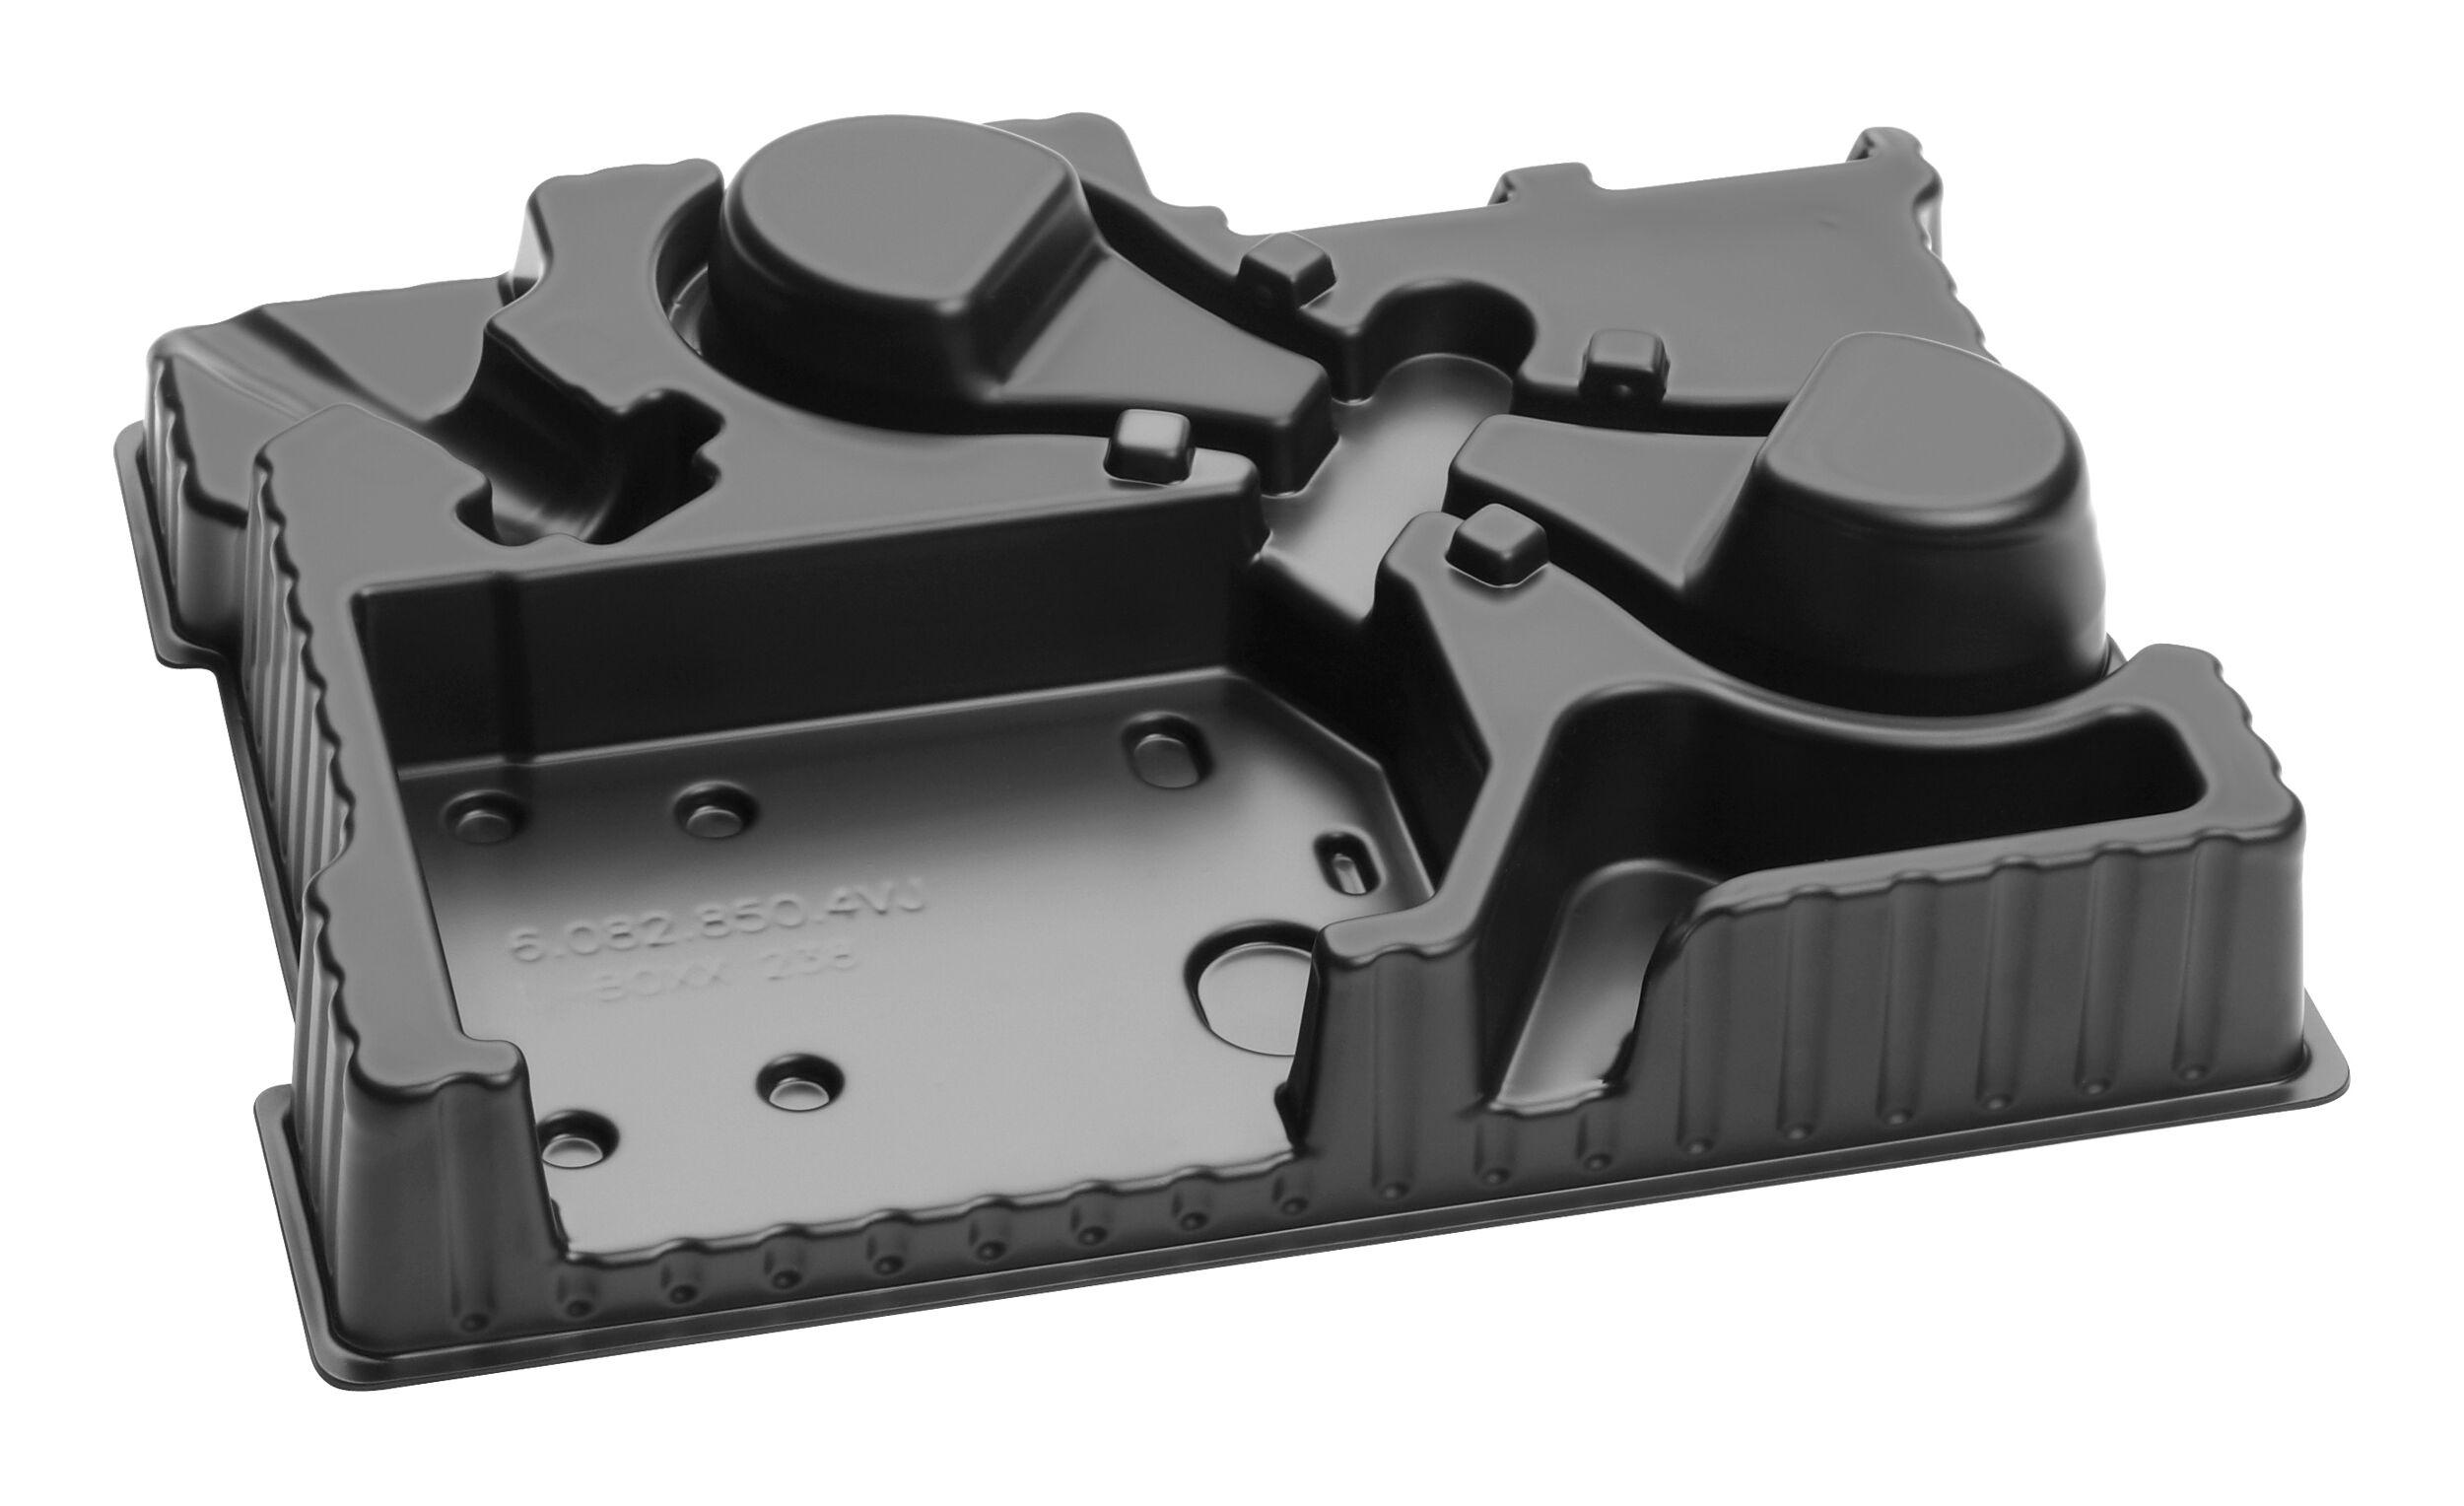 Bosch Blau Professional Einlage zur Werkzeugaufbewahrung unter Einlage... 1600A002W9